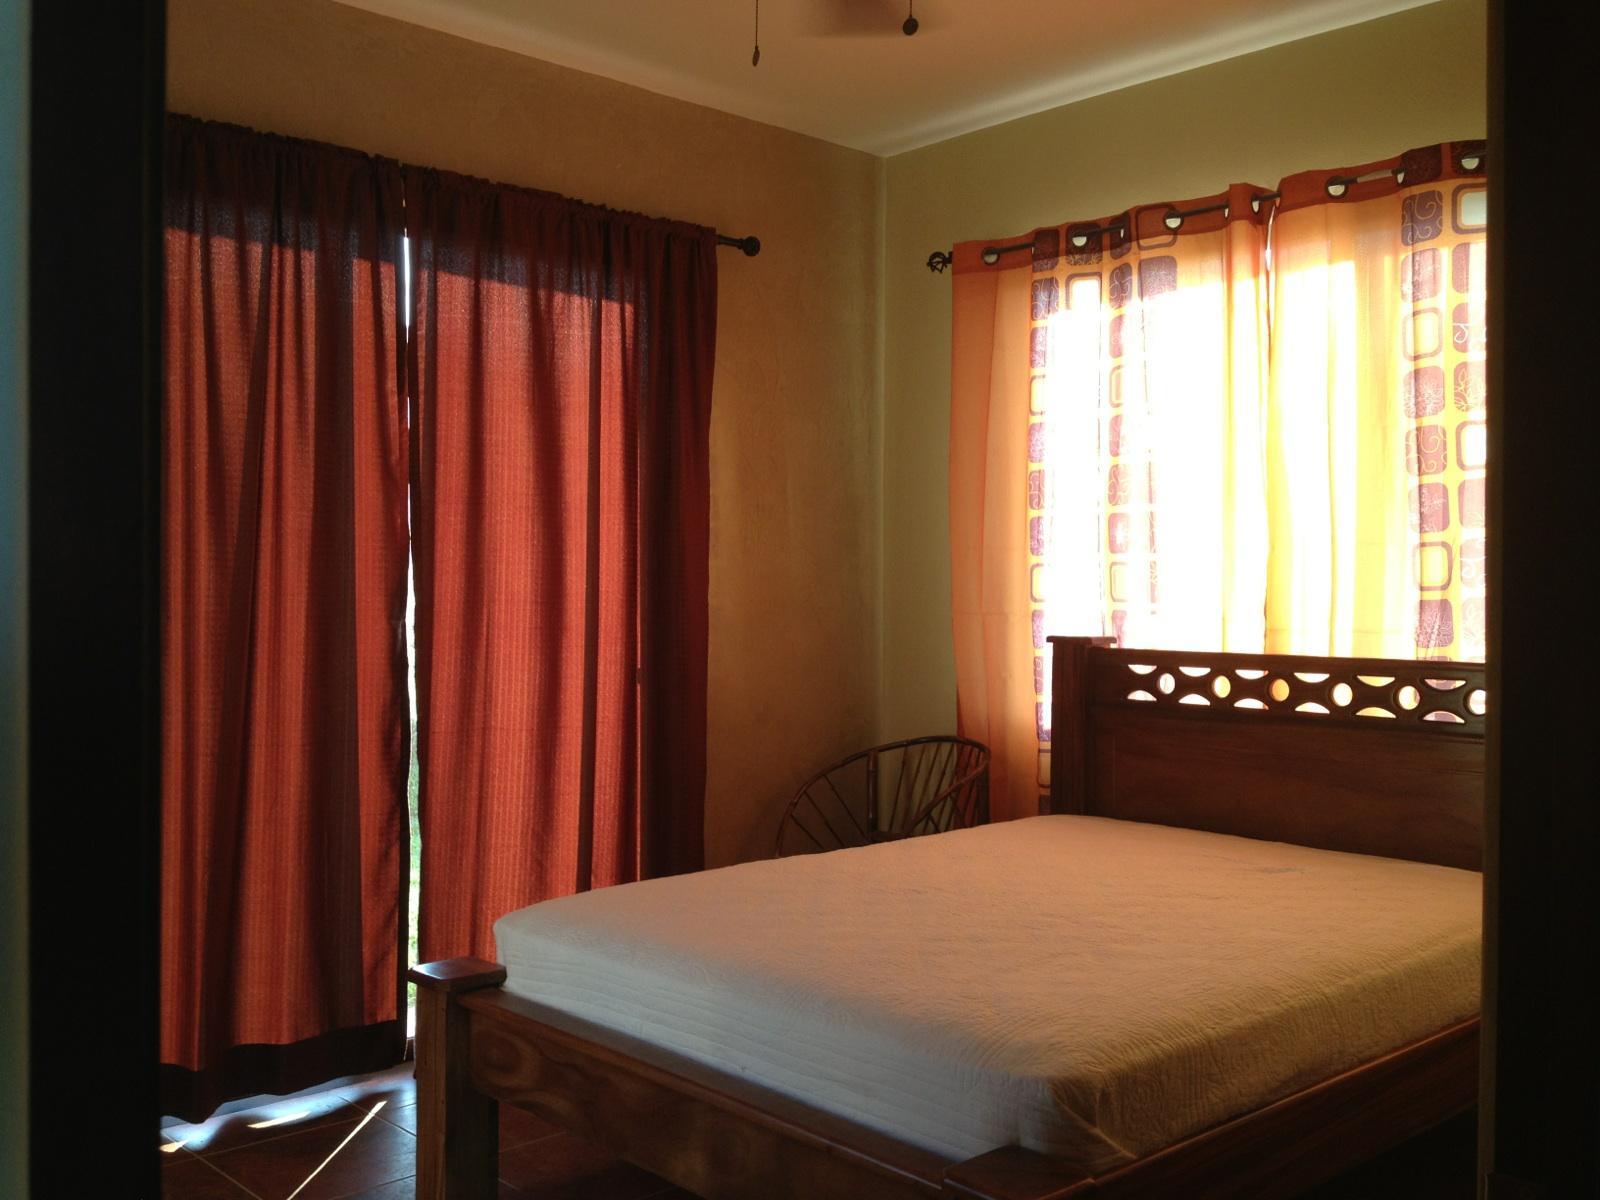 casa trogon bedroom 2 costa rica